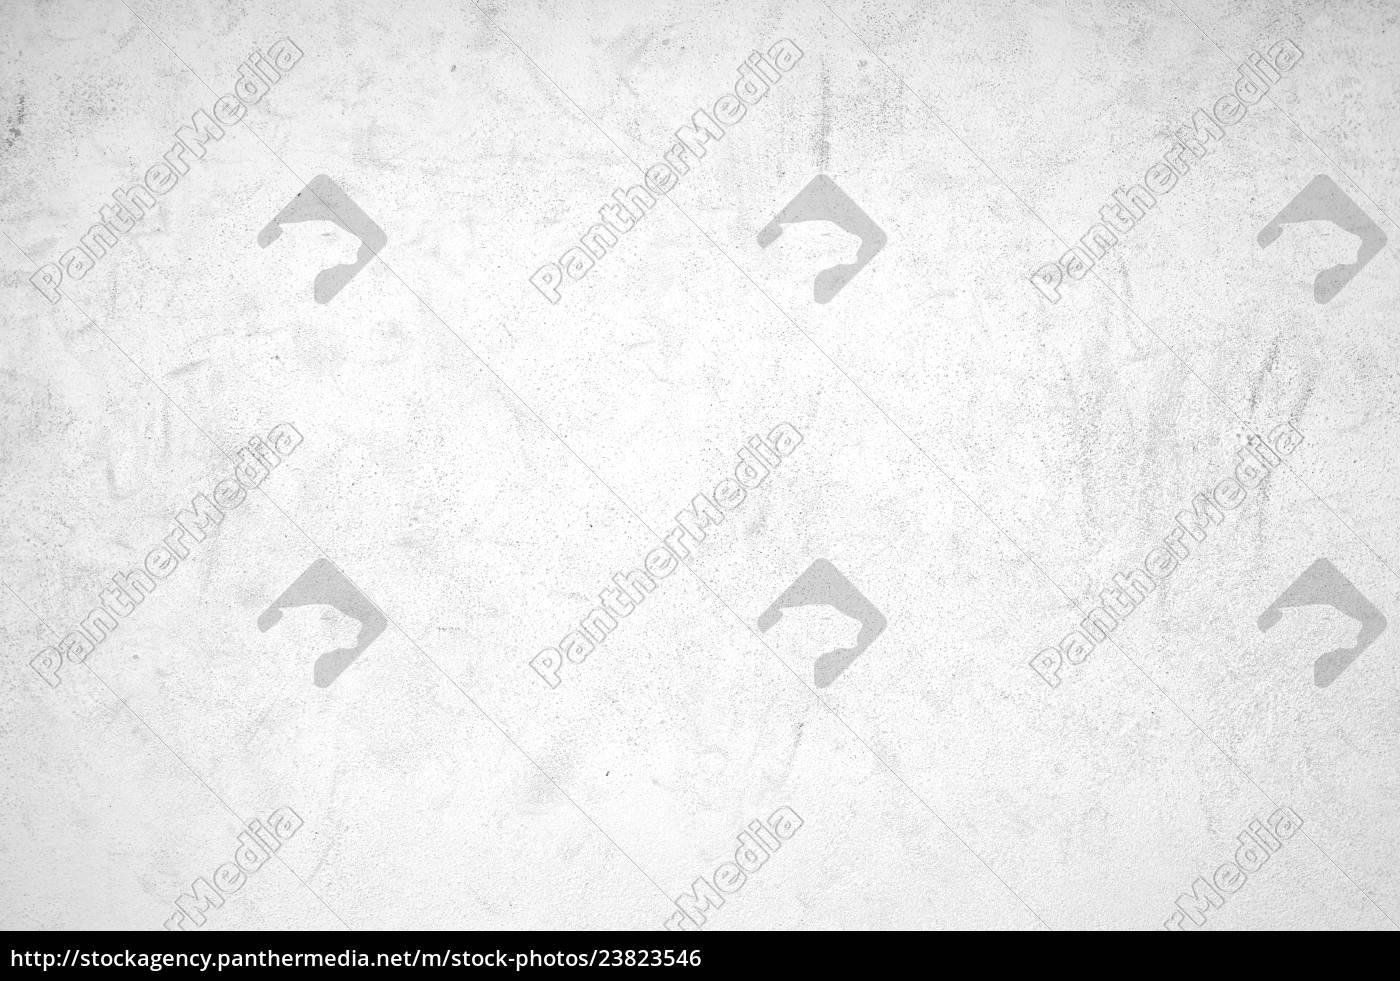 helle weiße wand als hintergrund - stockfoto - #23823546